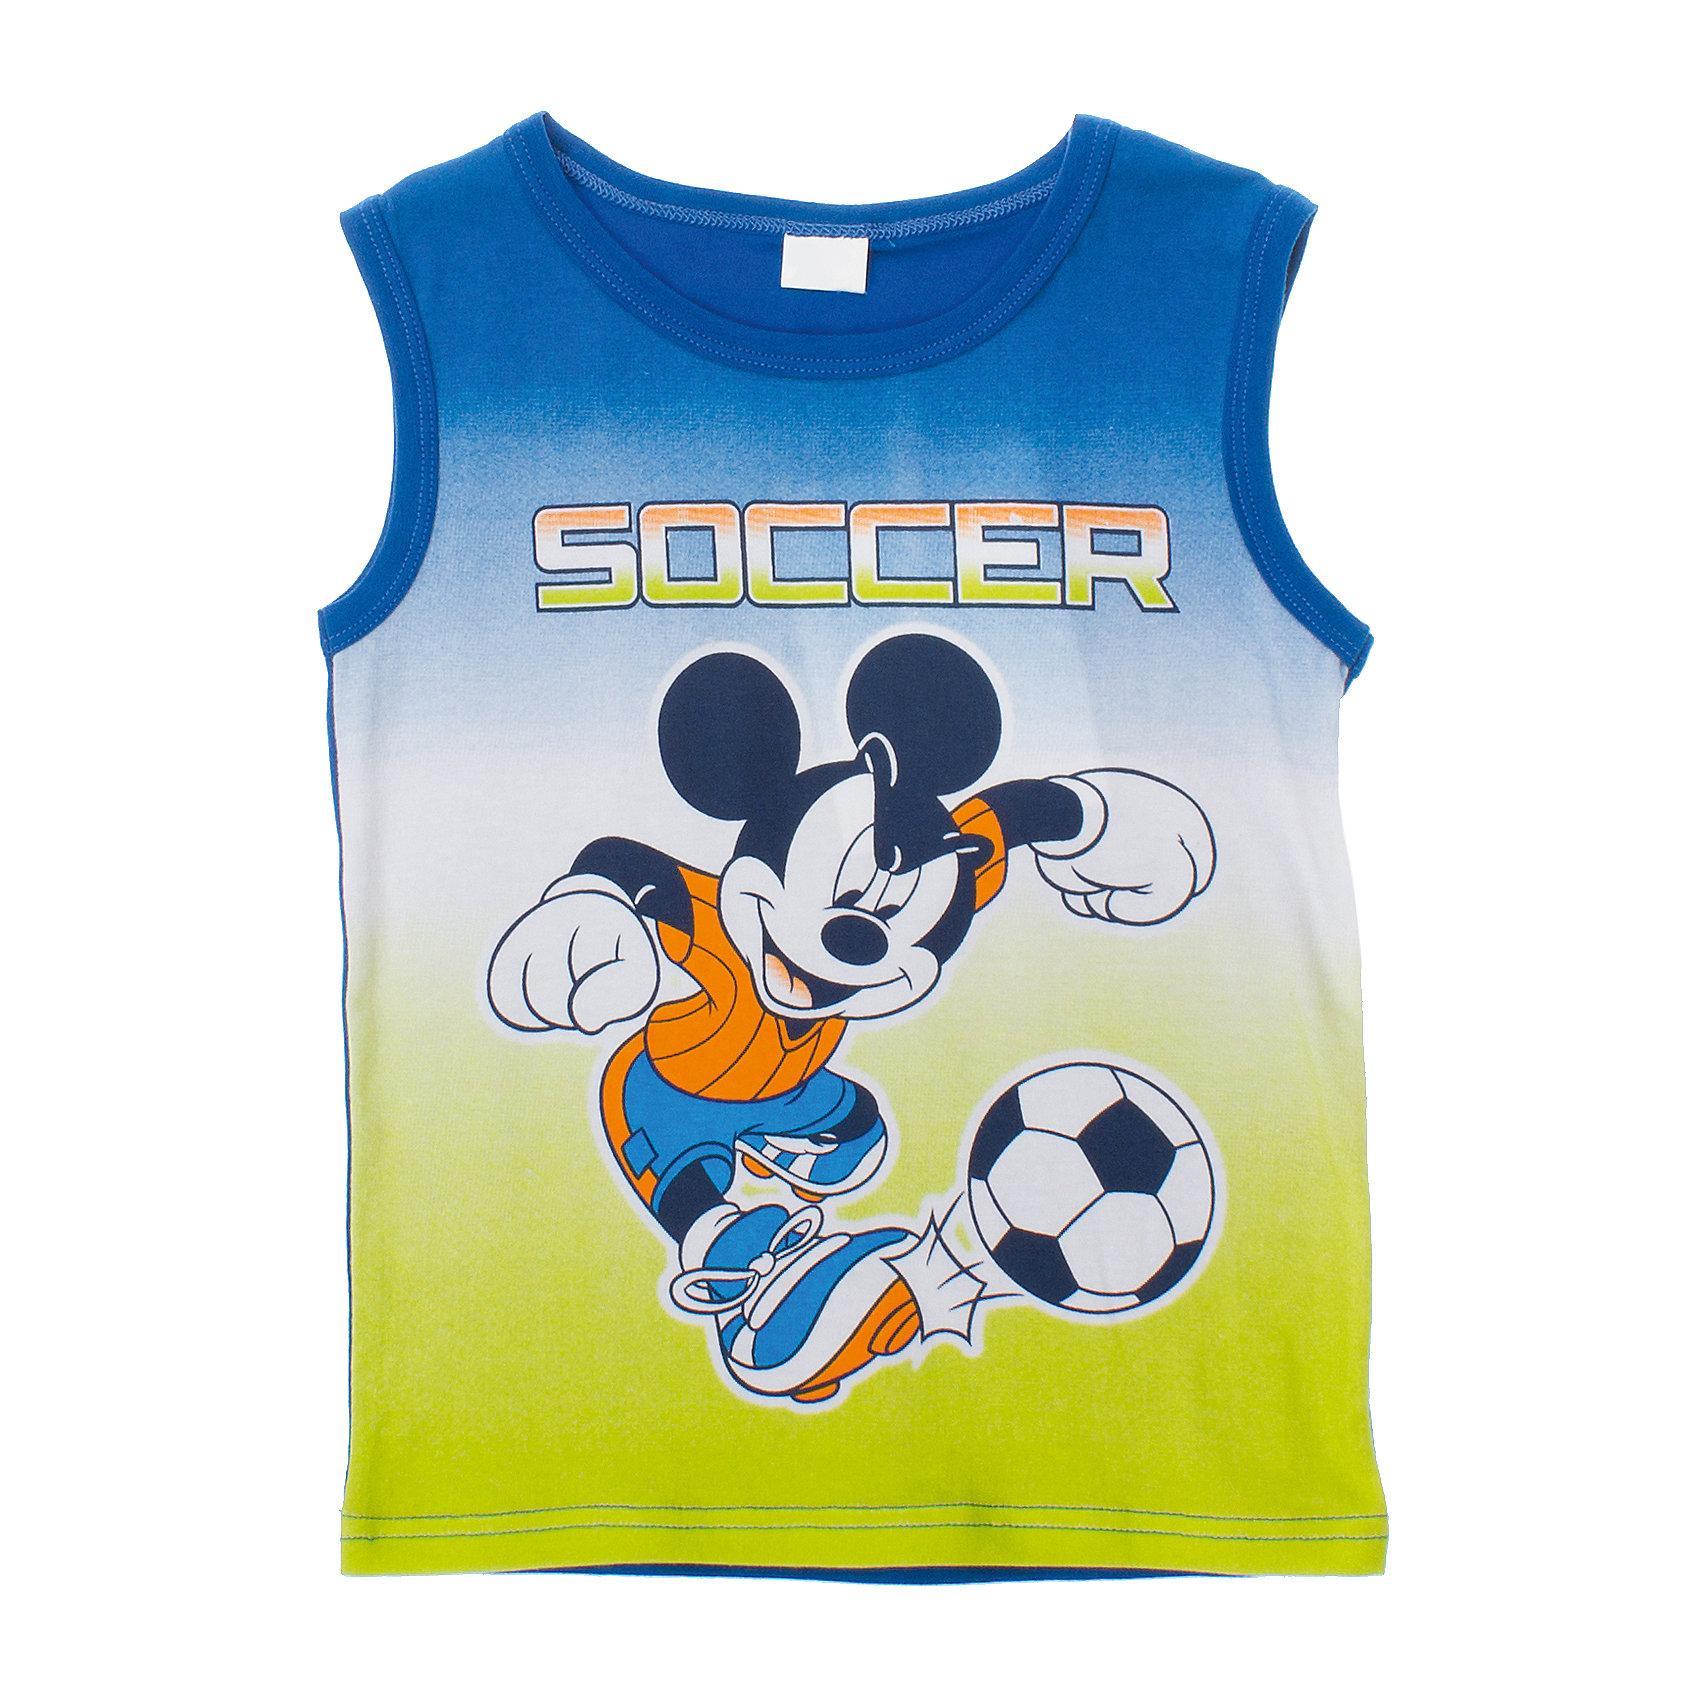 Майка для мальчика PlayTodayМайка для мальчика PlayToday <br><br>Состав: 95% хлопок, 5% эластан <br><br>Майка из органического хлопка в спортивном стиле. <br>Лицензионный принт Disney.<br><br>Ширина мм: 199<br>Глубина мм: 10<br>Высота мм: 161<br>Вес г: 151<br>Цвет: синий<br>Возраст от месяцев: 60<br>Возраст до месяцев: 72<br>Пол: Мужской<br>Возраст: Детский<br>Размер: 110,98,122,104,128,116<br>SKU: 4503487